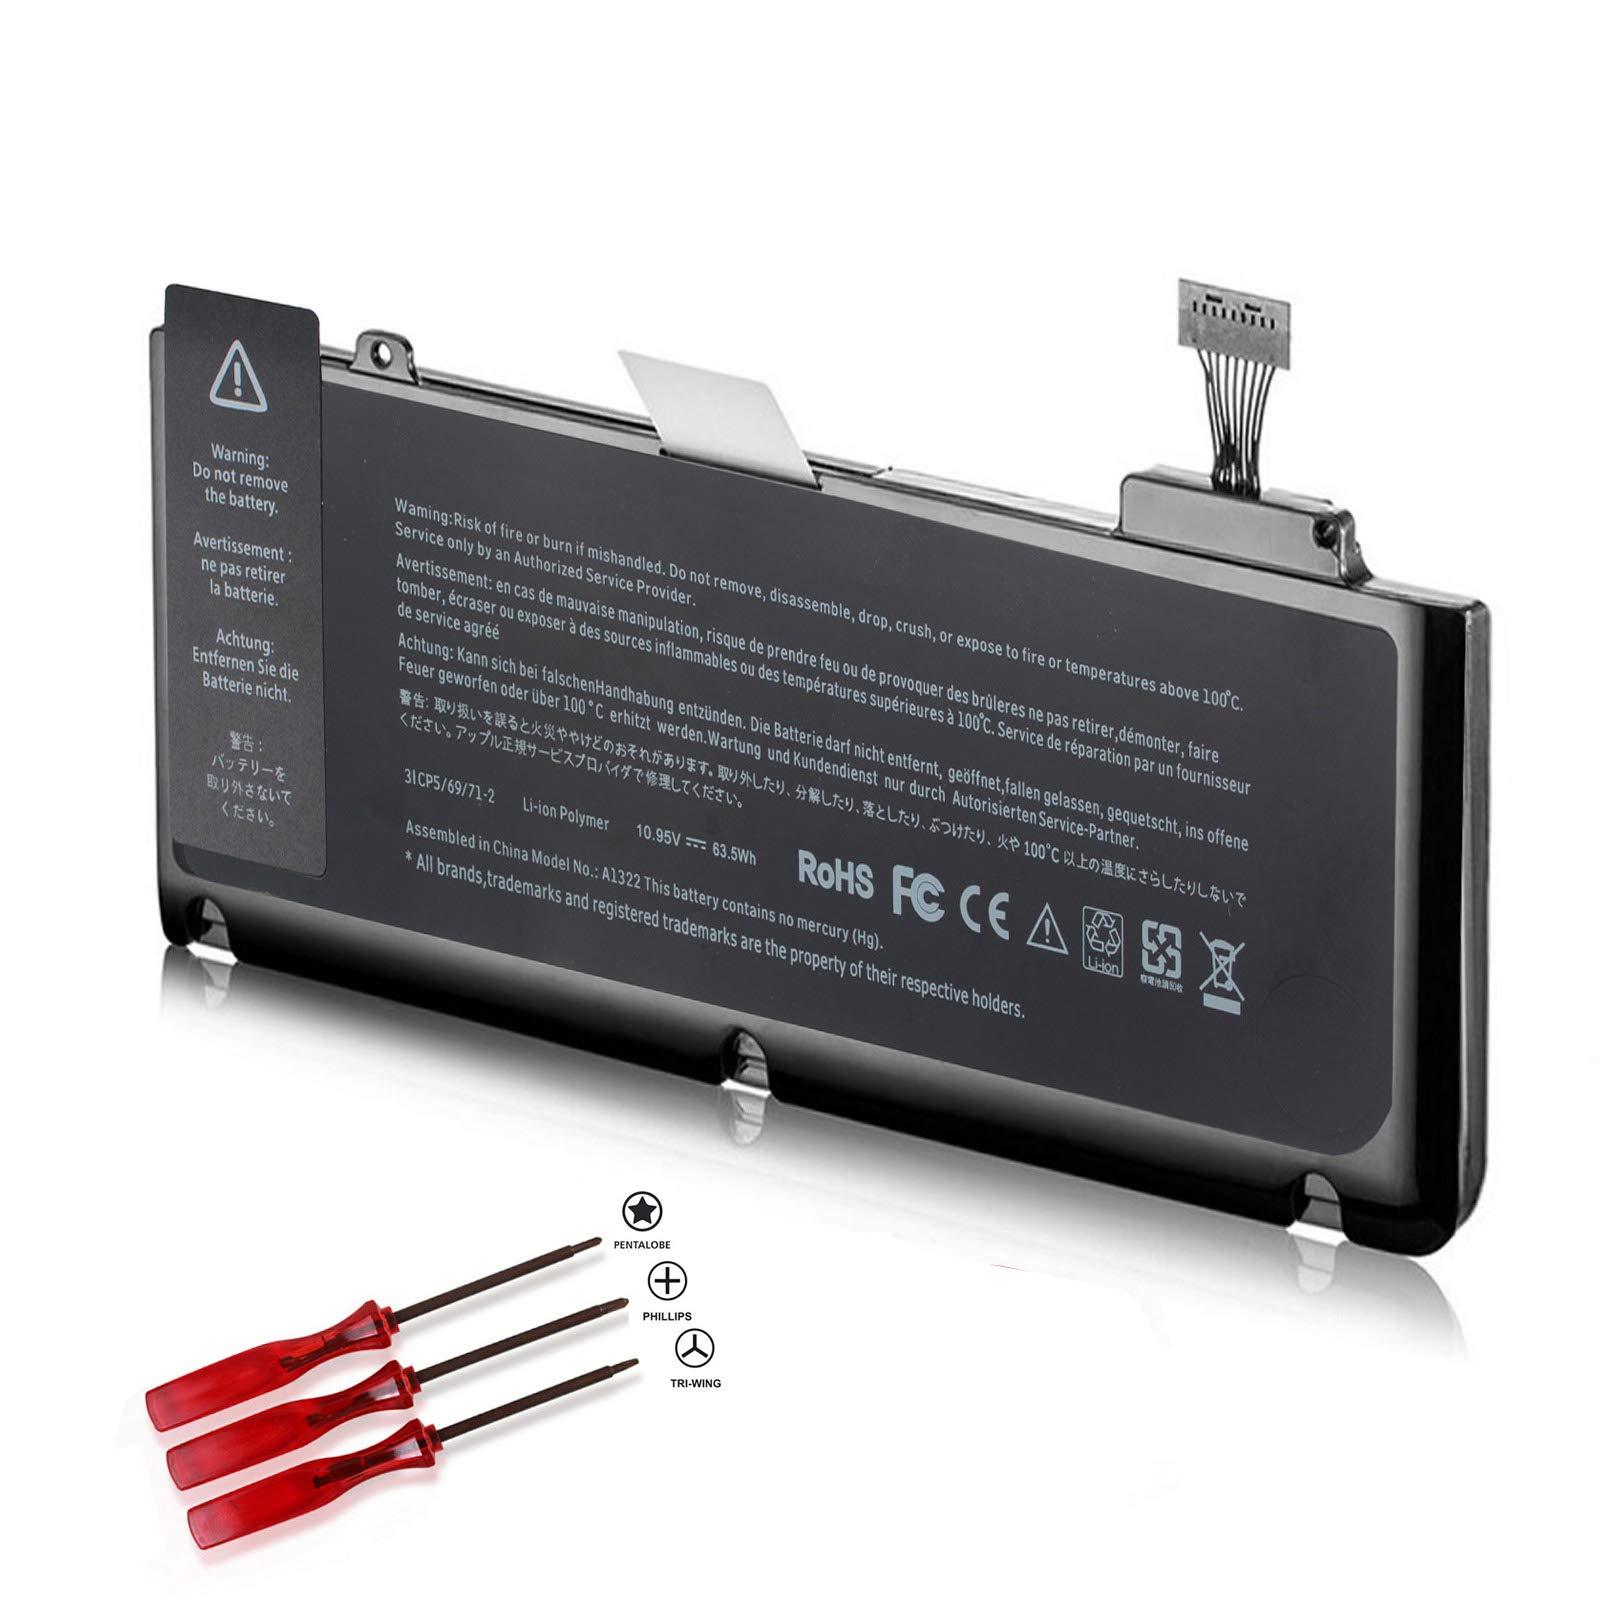 Bateria Tcore A1322 A1278 Macbook Pro 13 Mid 2012 2010 2009